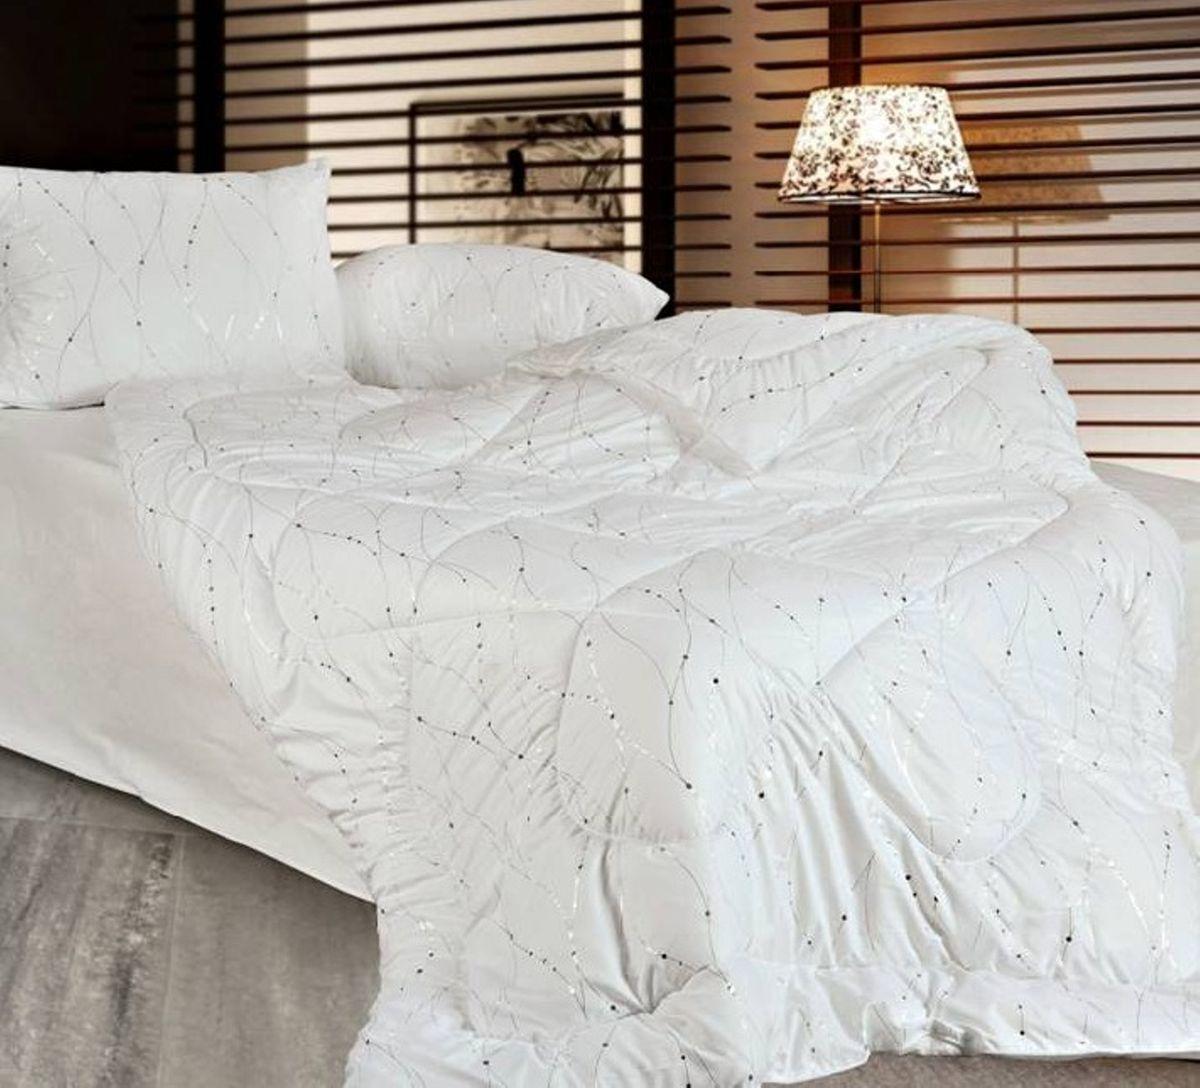 Одеяло Home & Style, наполнитель: соевое волокно, цвет: белый, серебристый, 140 х 205 см182907Одеяло Home & Style приятно удивит вас и создаст атмосферу тепла и комфорта в вашем доме. Одеяло изготовлено из полиэстера, а наполнителем является соевое волокно. Соевое волокно, изготовленное с использованием растительных протеинов сои, недаром называют волокном жизни. Соевые волокна содержат уникальные аминокислоты и витамины токоферолы, которые благотворно воздействуют на кожу человека, предотвращают старение, снижают воспалительные процессы на коже. Одеяла из соевого волокна необычайно мягкие, воздушные, теплые, гигроскопичные и воздухопроницаемые. Они мягкие, как шелк, теплые, как кашемир. Благодаря ей наполнитель удерживает тепло в холодную погоду и не препятствует свободной циркуляции воздуха для удаления влаги в жаркую погоду. Наполнитель не сваливается и не приминается, великолепно сохраняя форму даже после многократных стирок и сушек, подходит людям, страдающим аллергией на пух и перья. Свойства соевого...